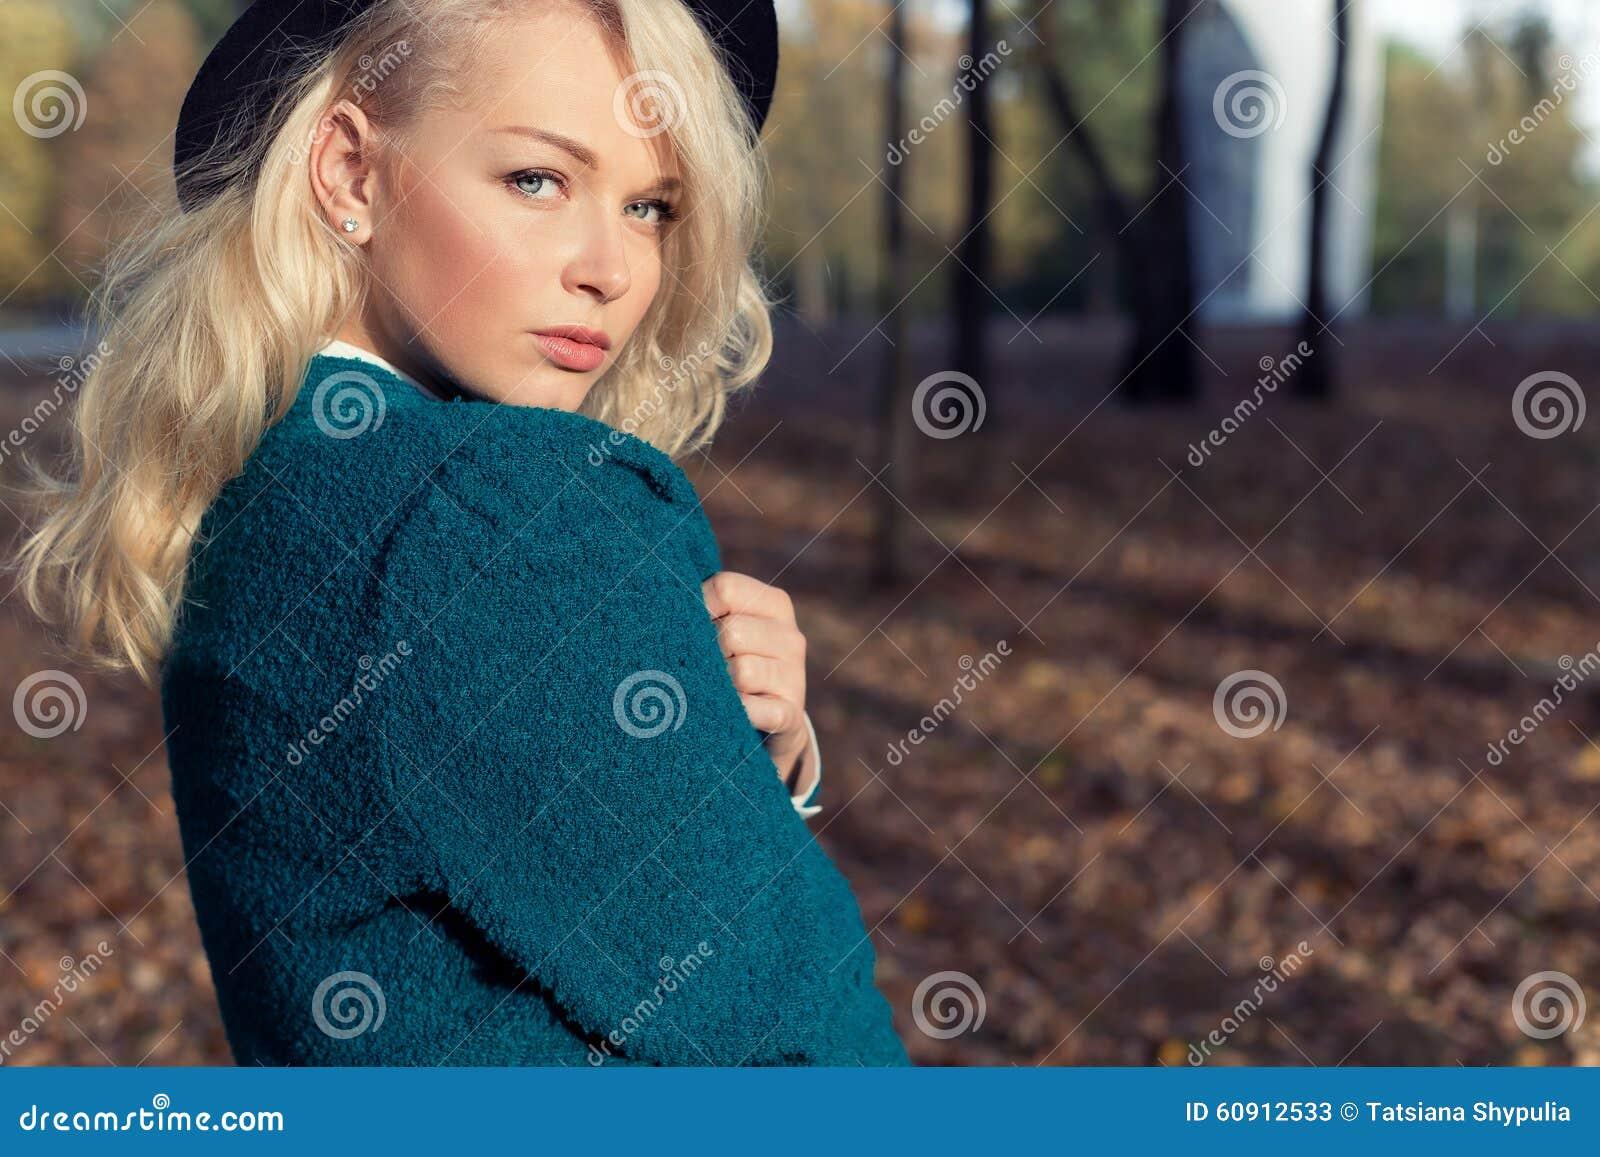 Обои девушка, тепло, настроение, чай, книга, камин, плед